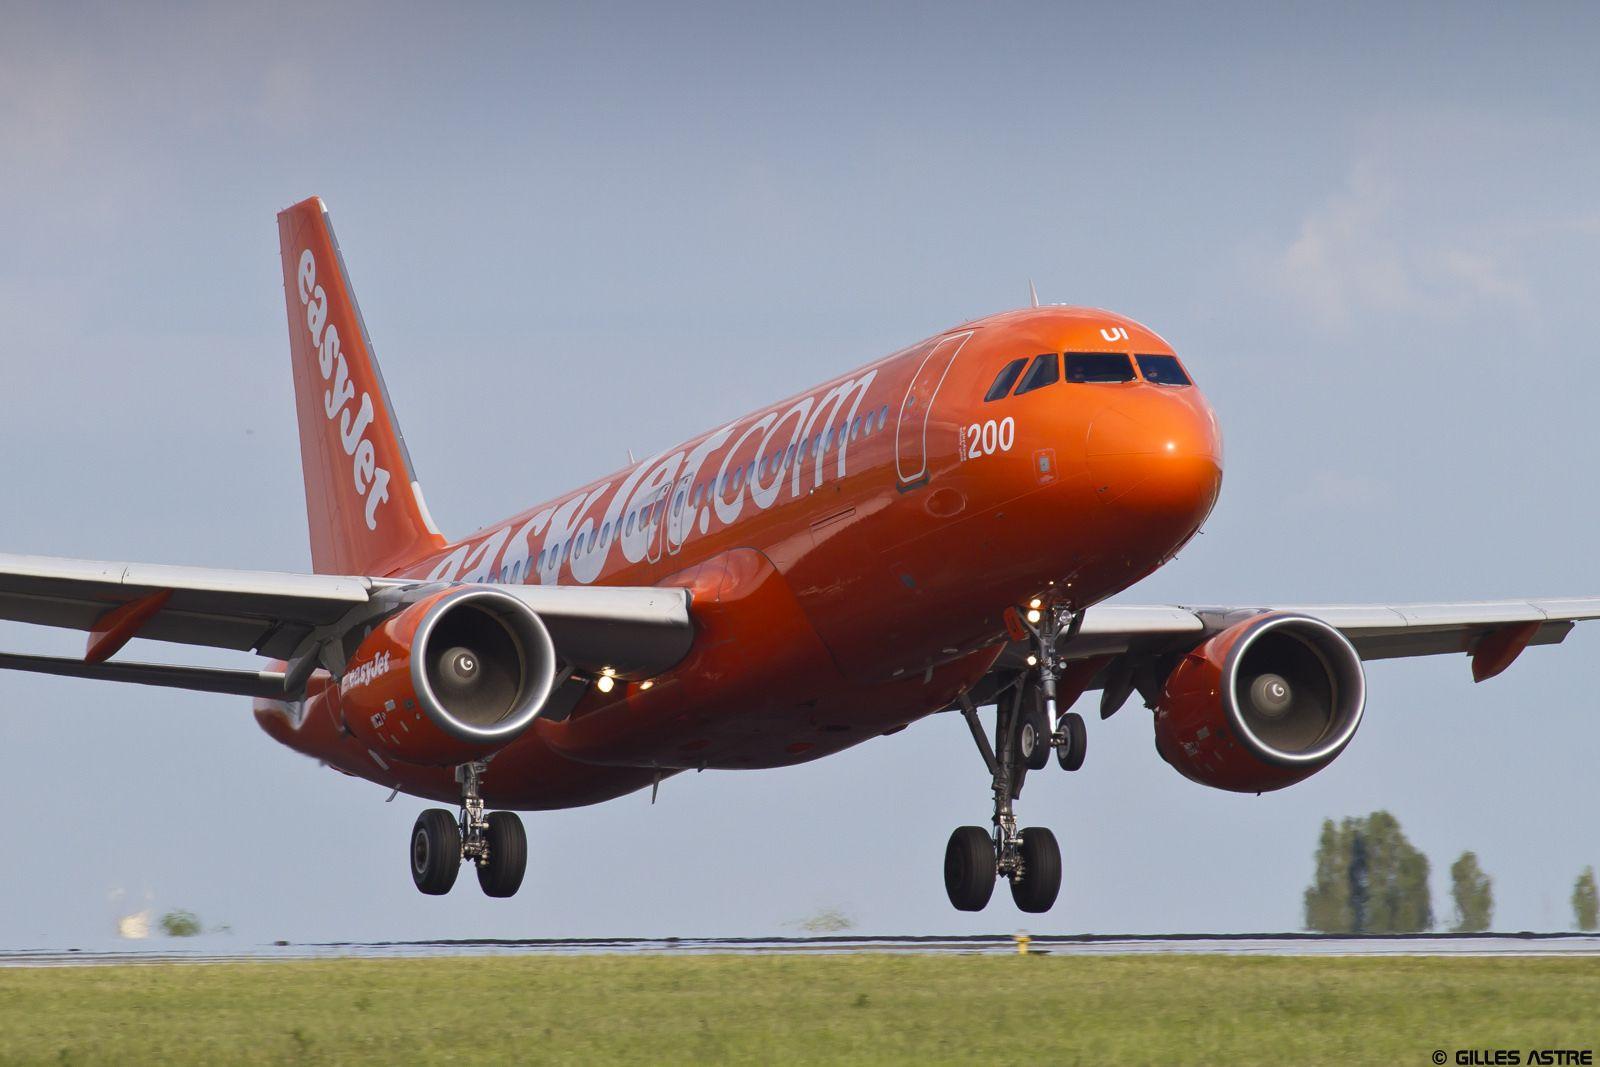 LFPG 21 mai 2015 Airbus A320 EasyJet Orange sheme GEZUI 1